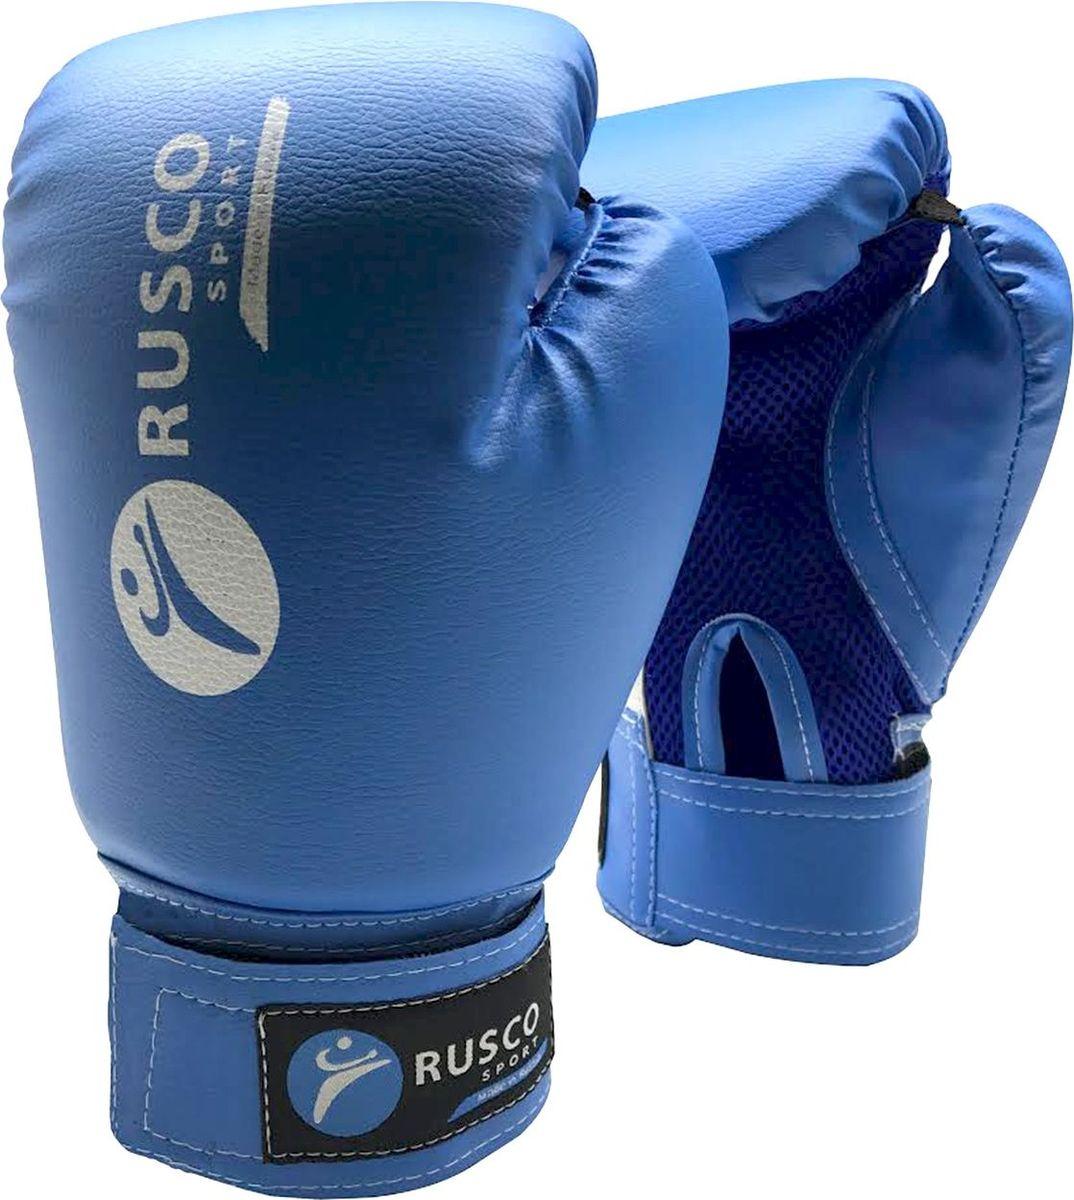 Перчатки боксерские Rusco, цвет: синий. Вес 8 унцийУТ-00009848Перчатки боксерские Rusco - это боксерские перчатки синего цвета, которые широко используются начинающими спортсменами и юниорами натренировках. Перчатки имеют мягкую набивку, специально разработанная удобная форма позволяет избежать травм во время тренировок ипрофессионально подготовиться к бою. Превосходно облегают кисть, следуя всем анатомическим изгибам ладони и запястья.